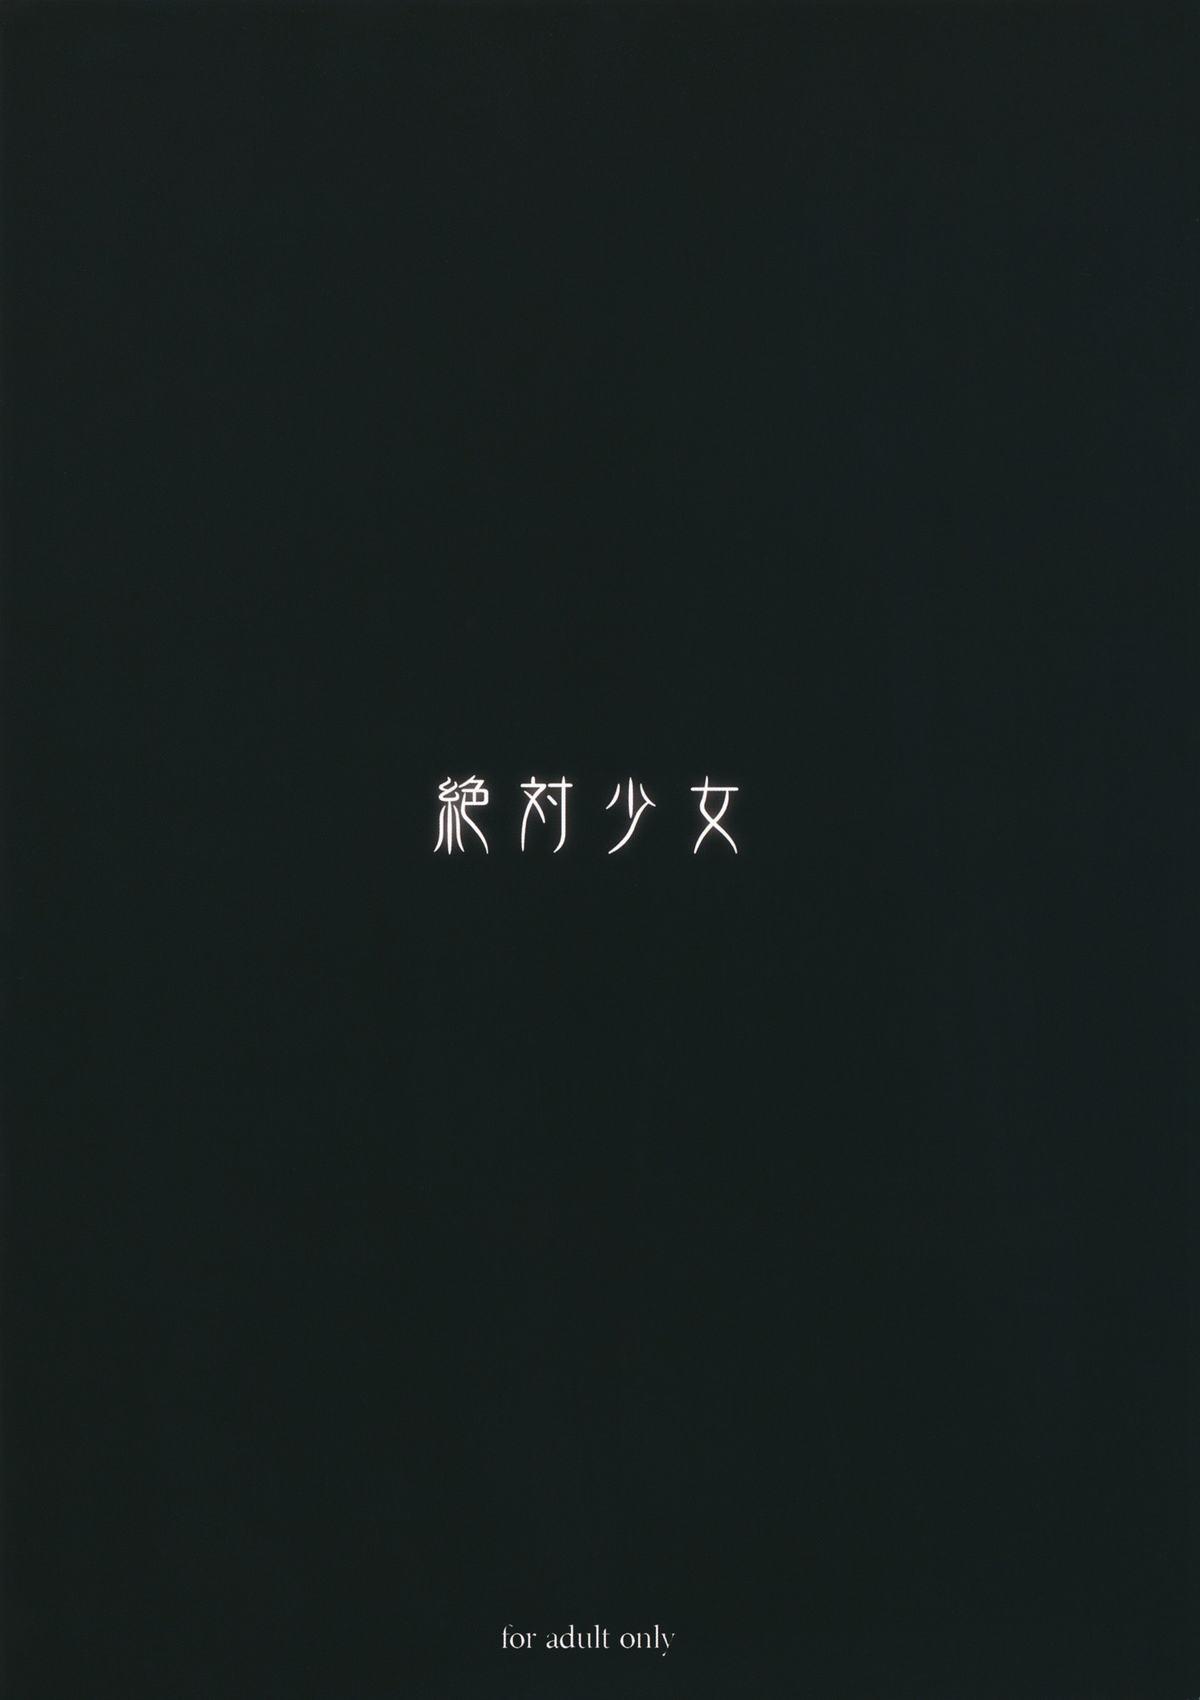 Mahou Shoujo 8.0 25